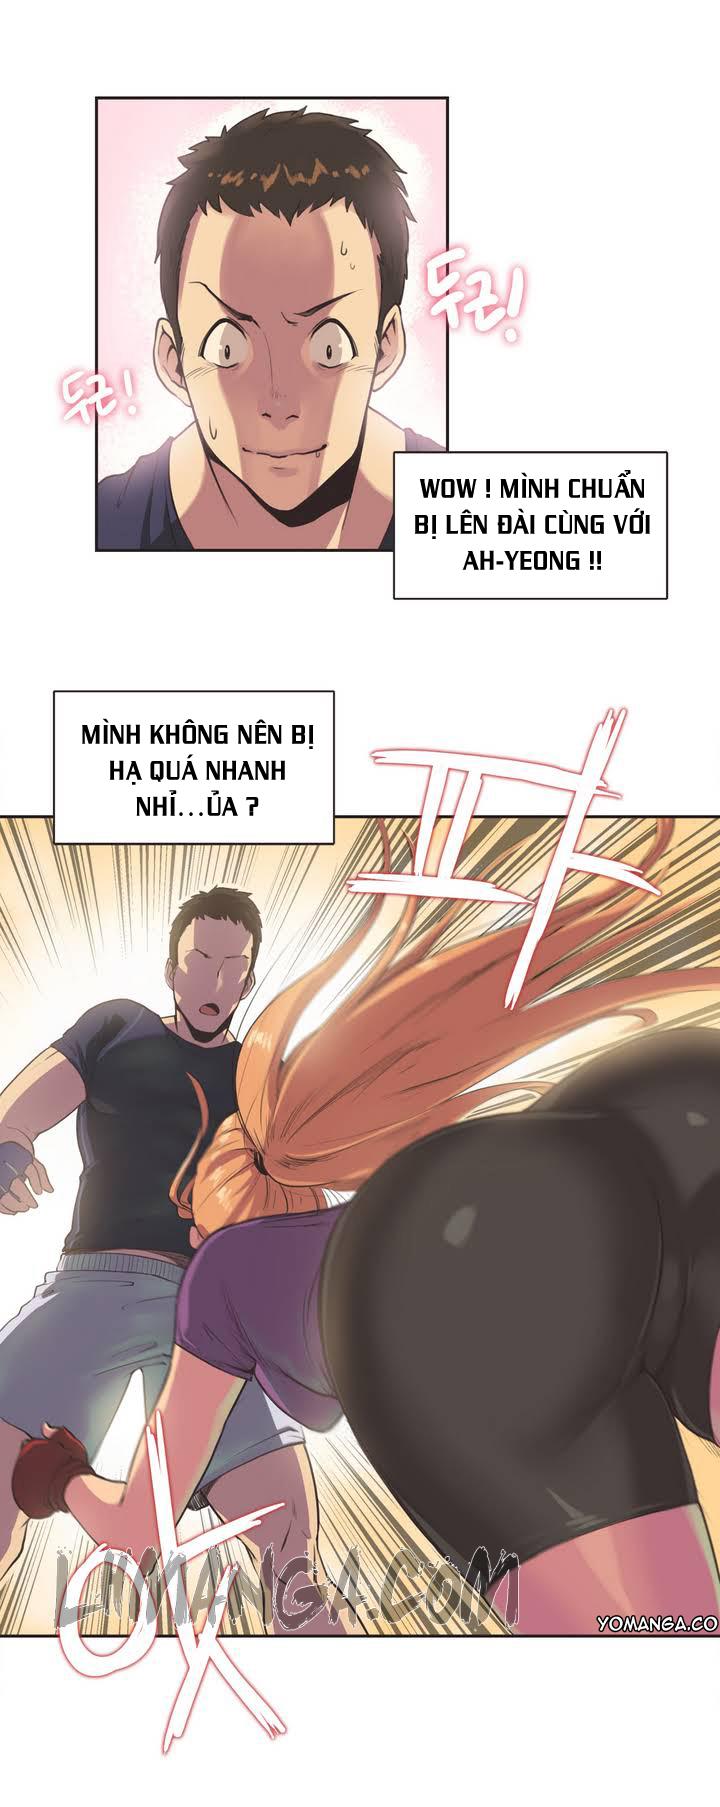 Hình ảnh HINH_00014 in Sports Girl - Gái Thể Thao